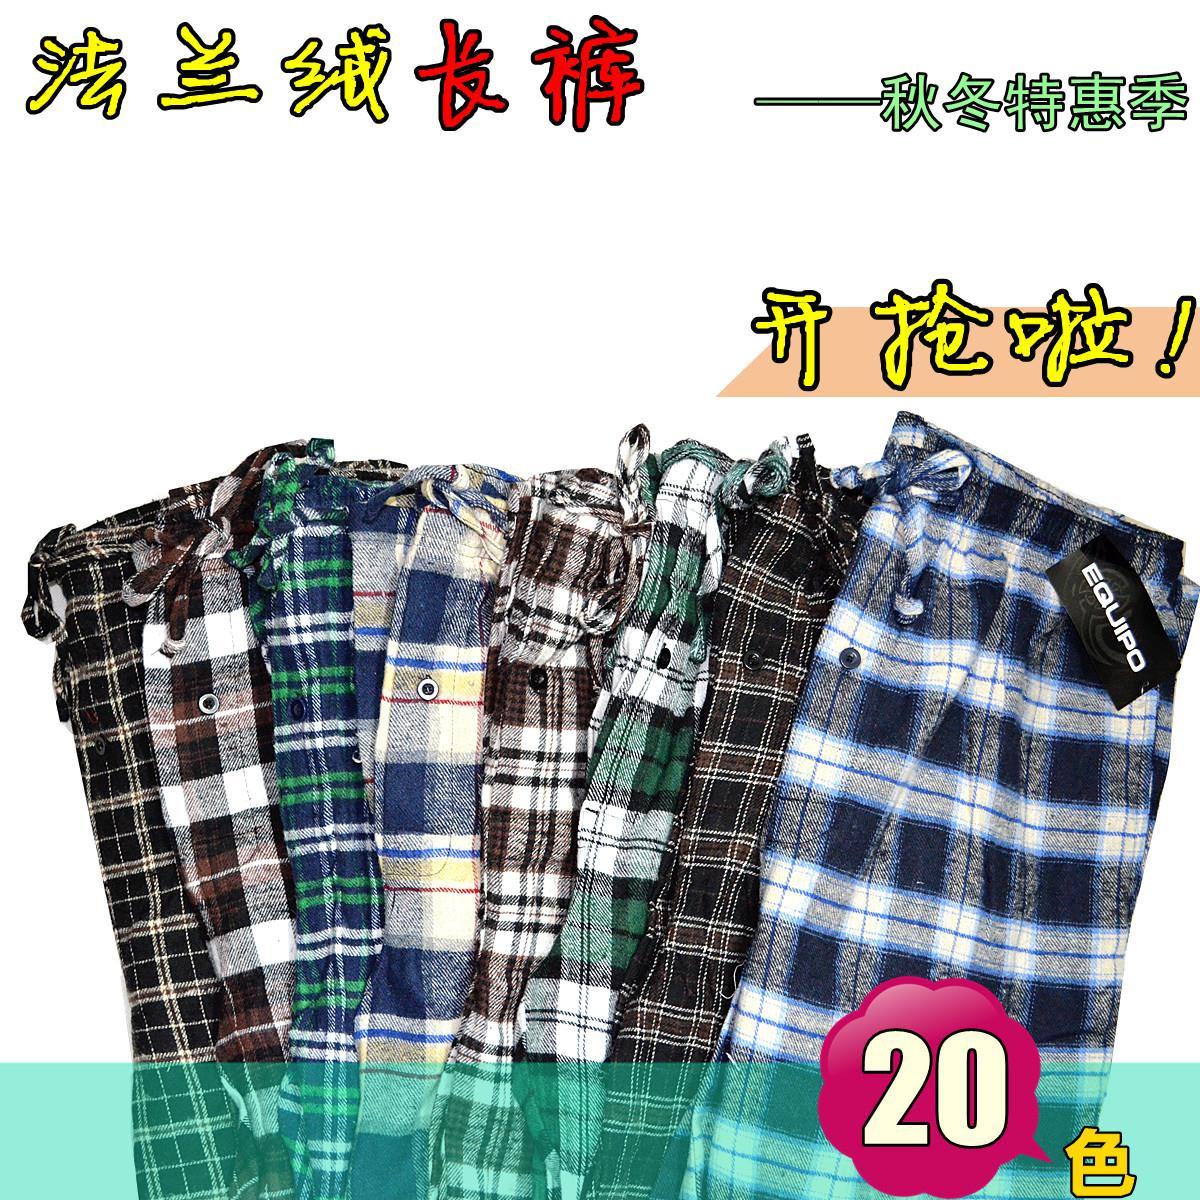 Пижамные штаны Для молодых мужчин Фланель Хлопок В клетку Для отдыха Осень